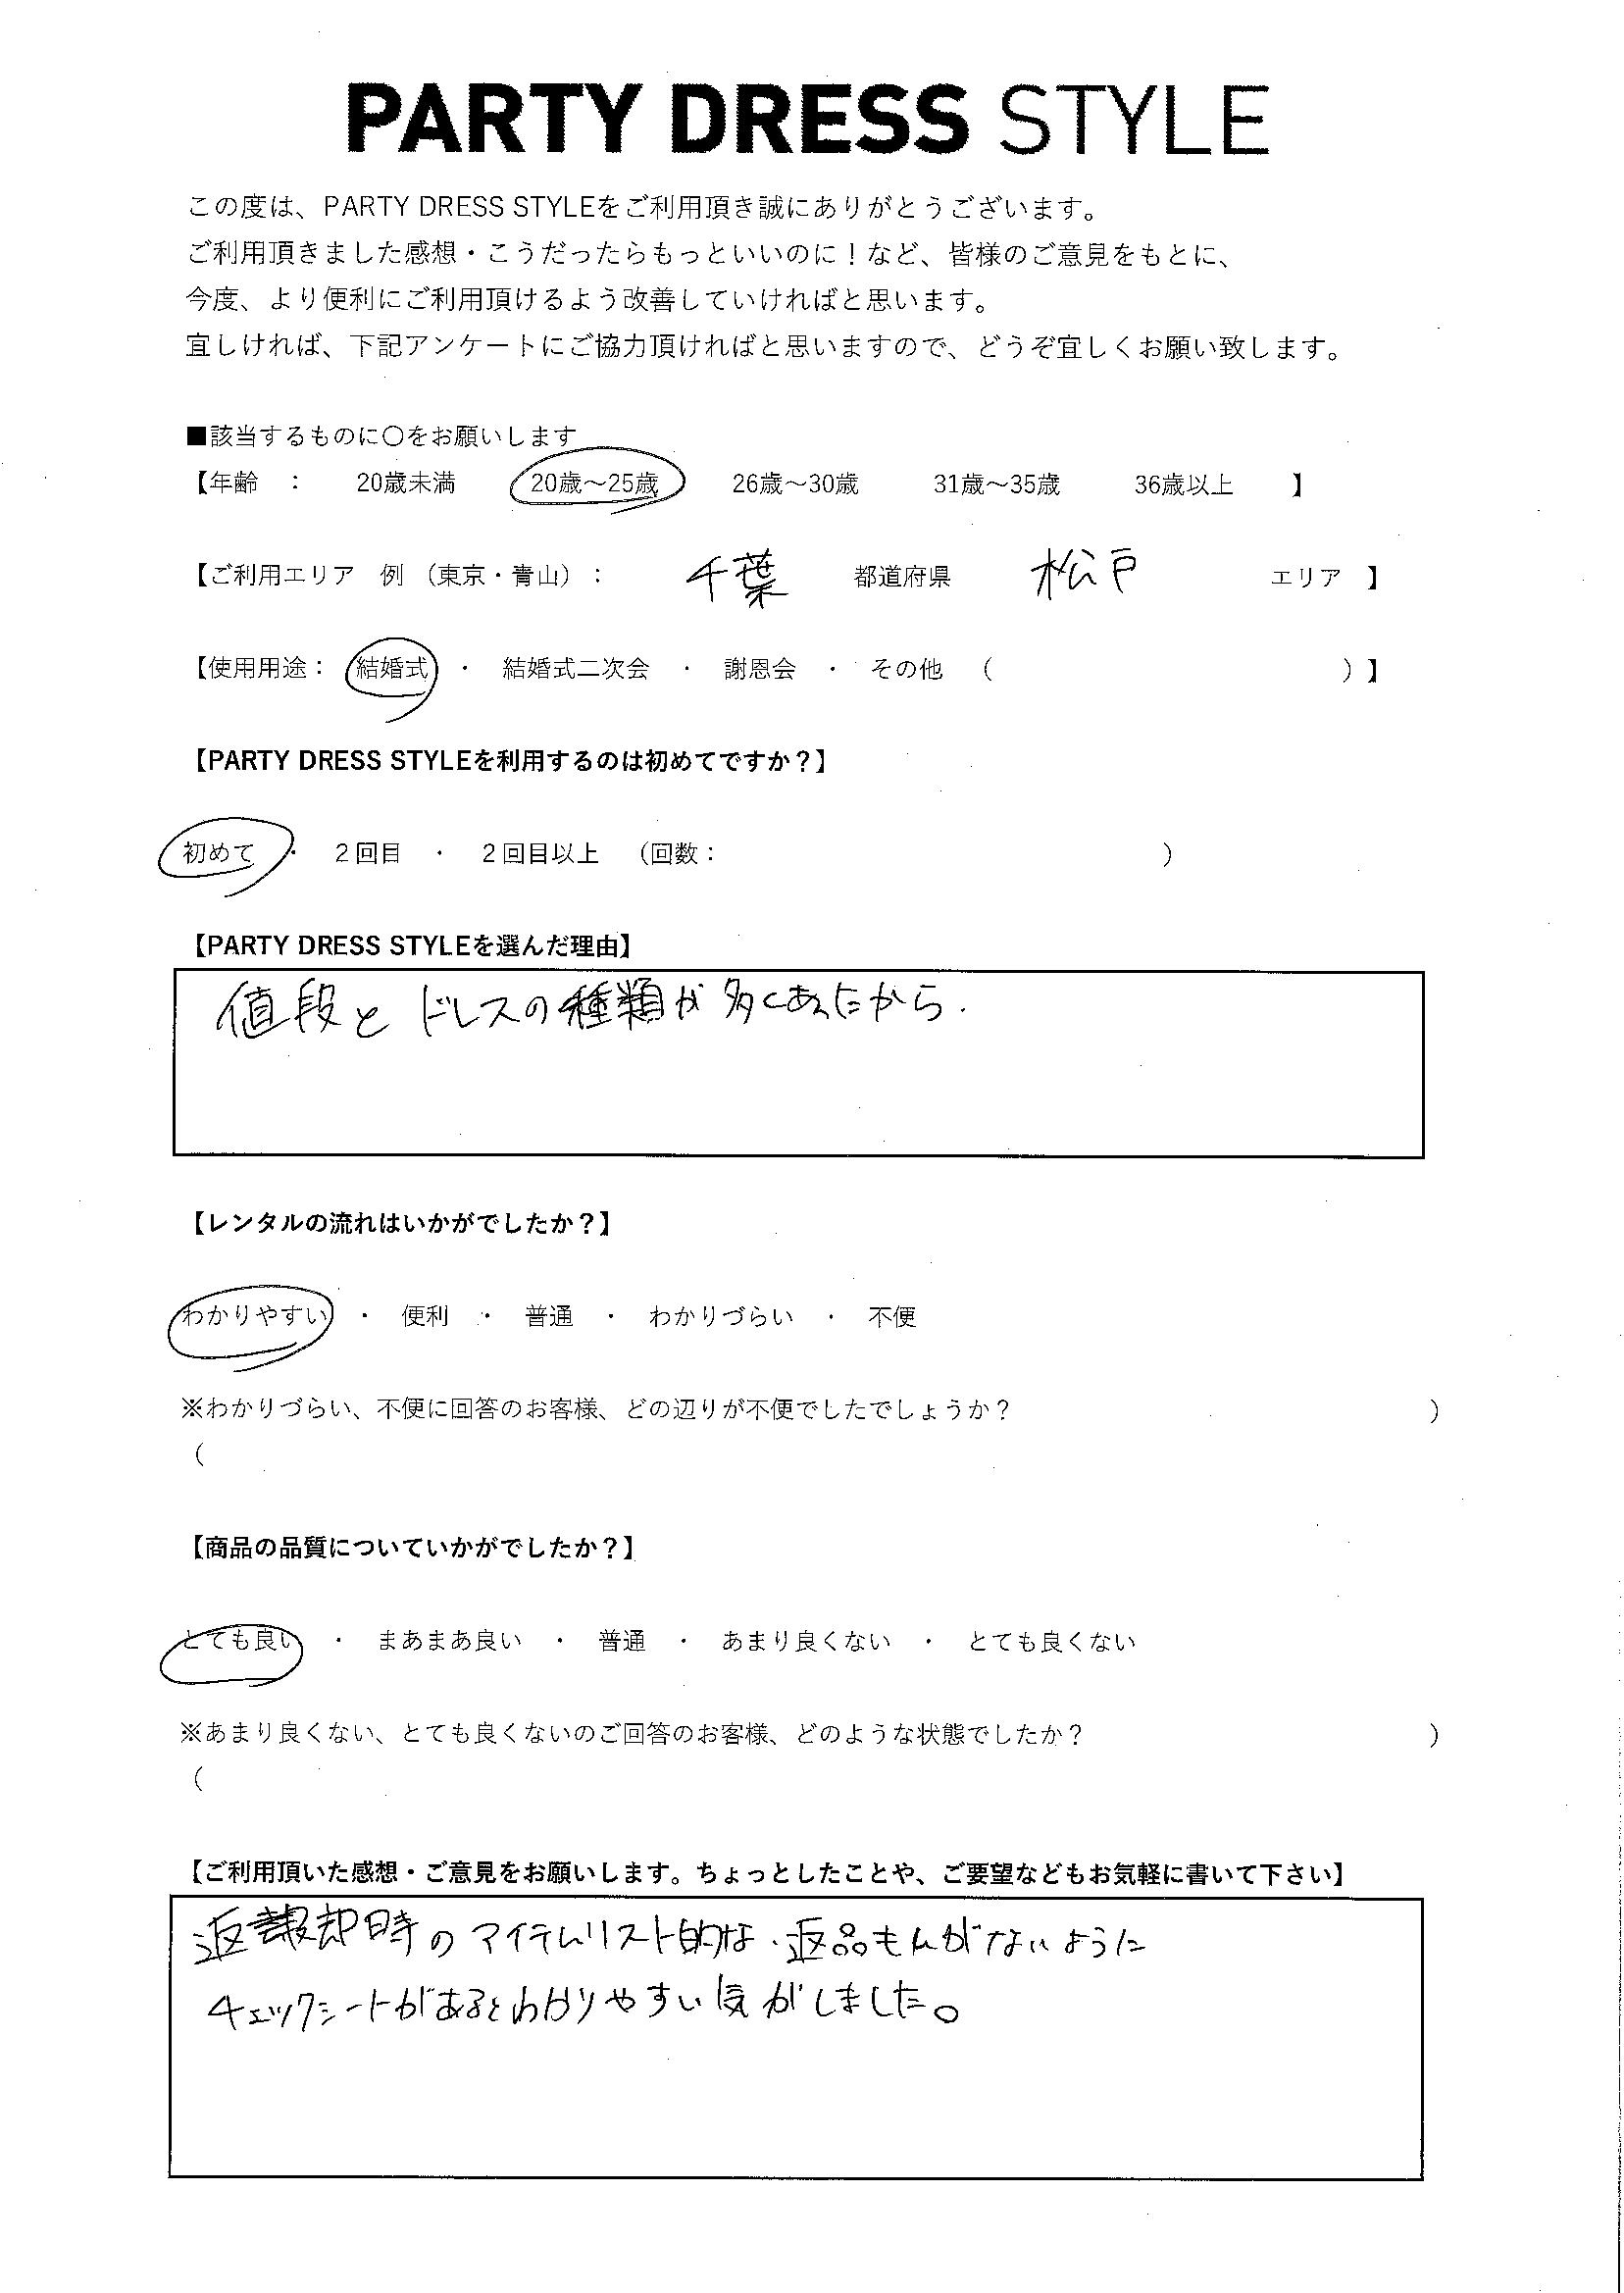 10/7結婚式ご利用 千葉・松戸エリア